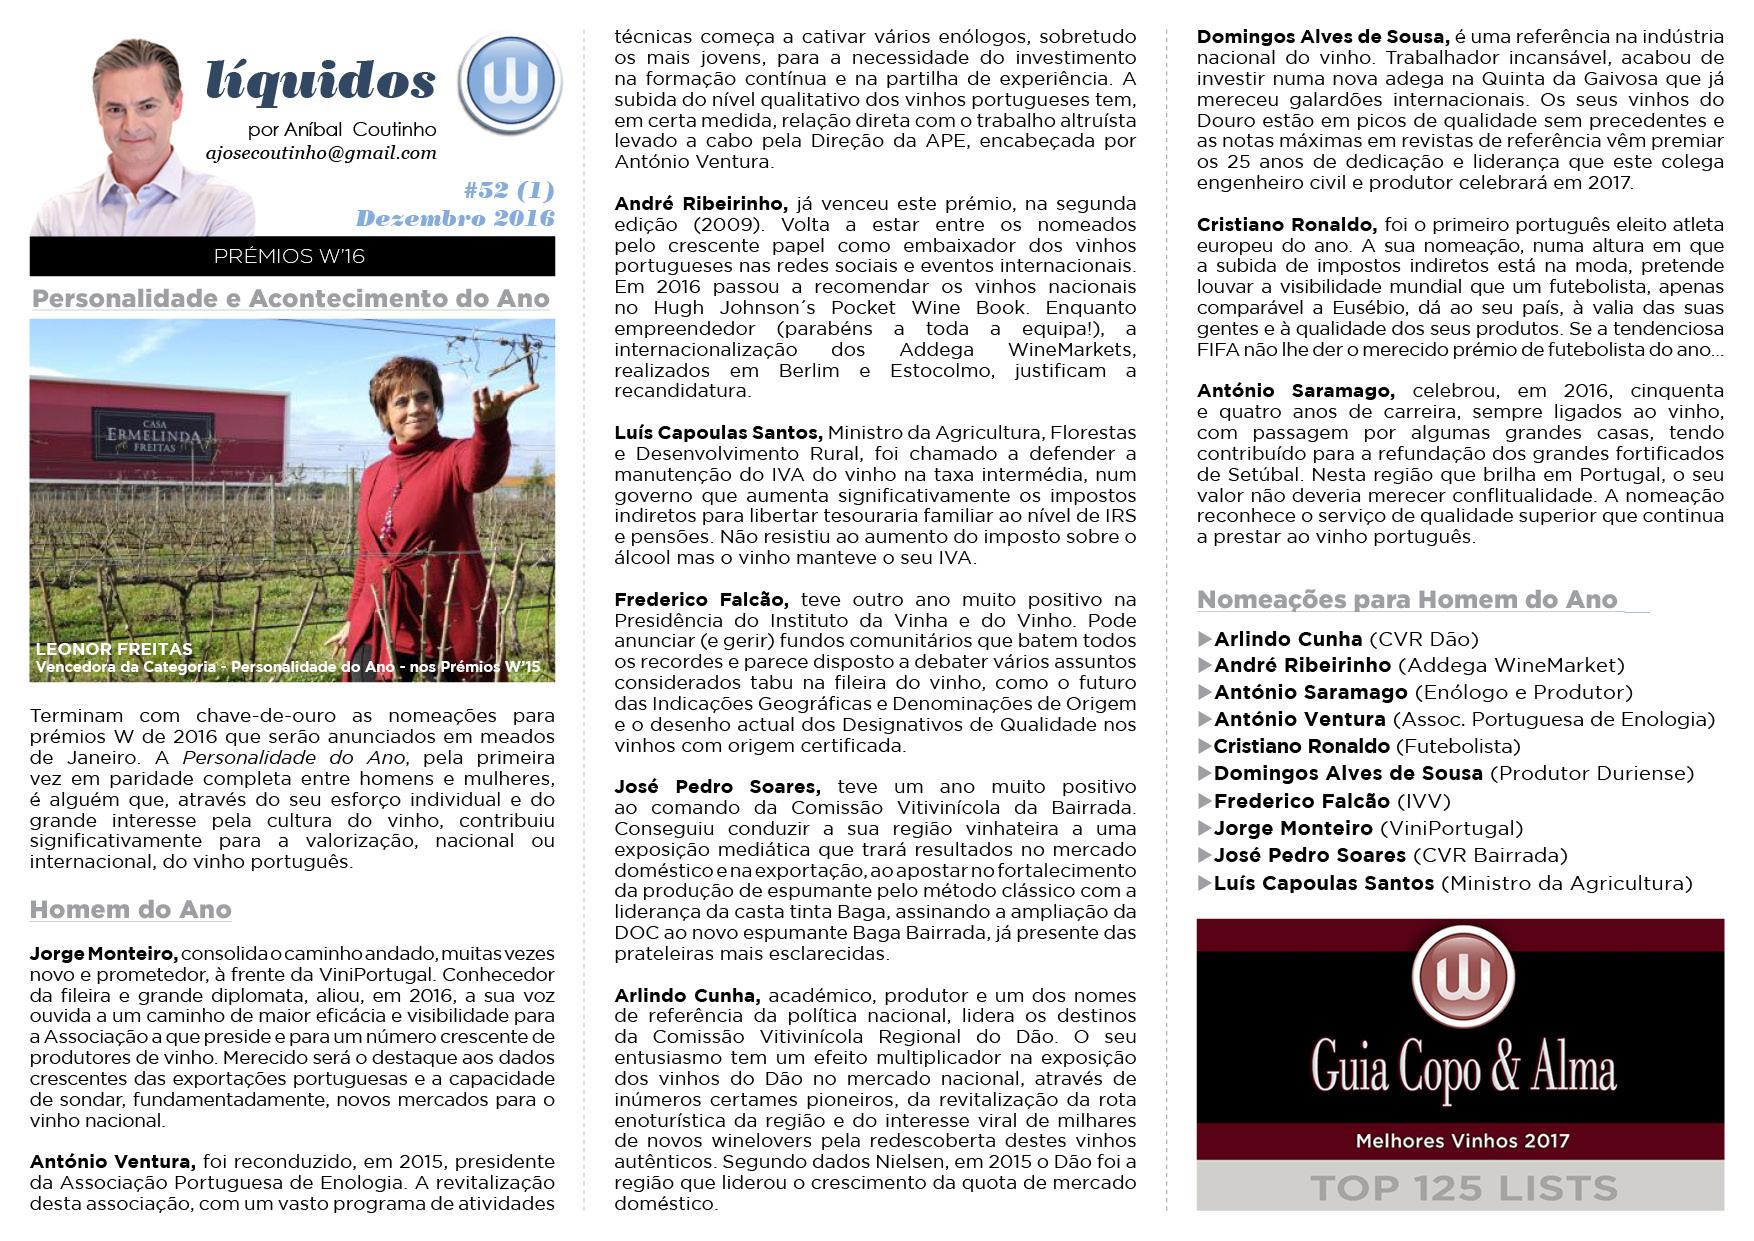 Newsletter #52